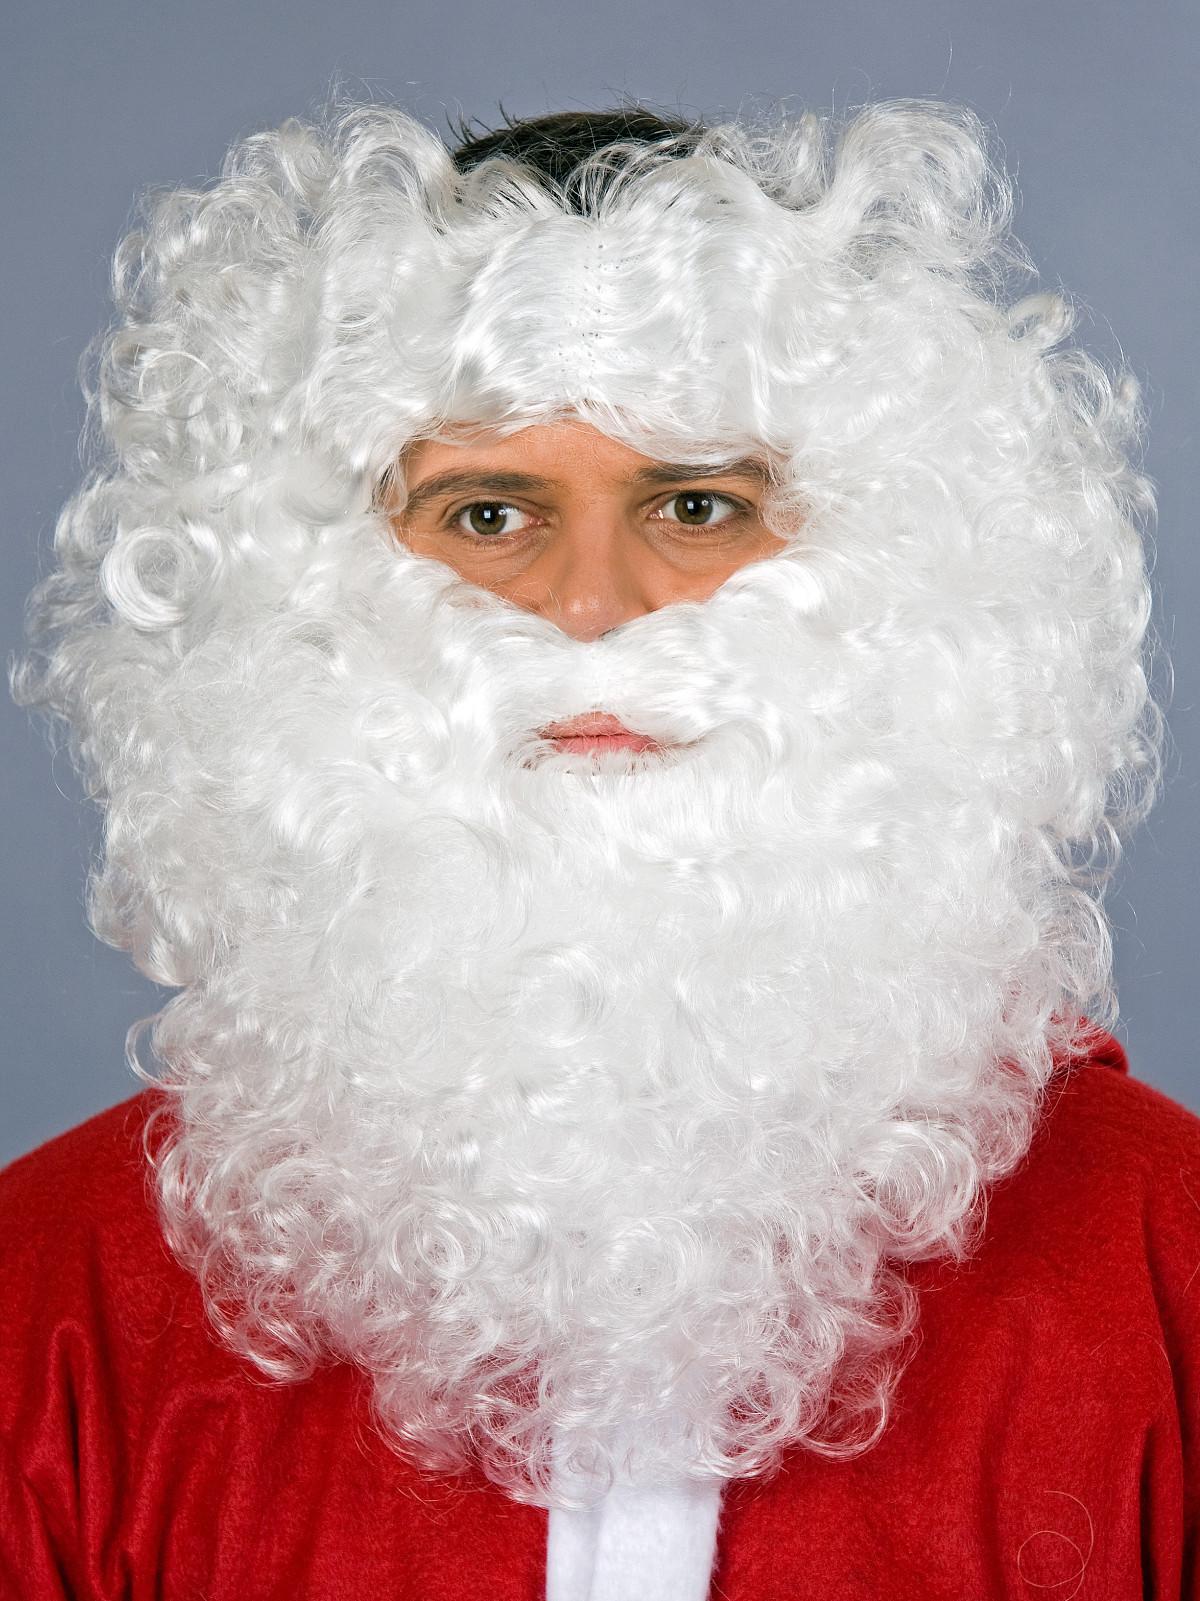 nikolaus stirnband blitzschneller versand paypal alles f r weihnachten. Black Bedroom Furniture Sets. Home Design Ideas